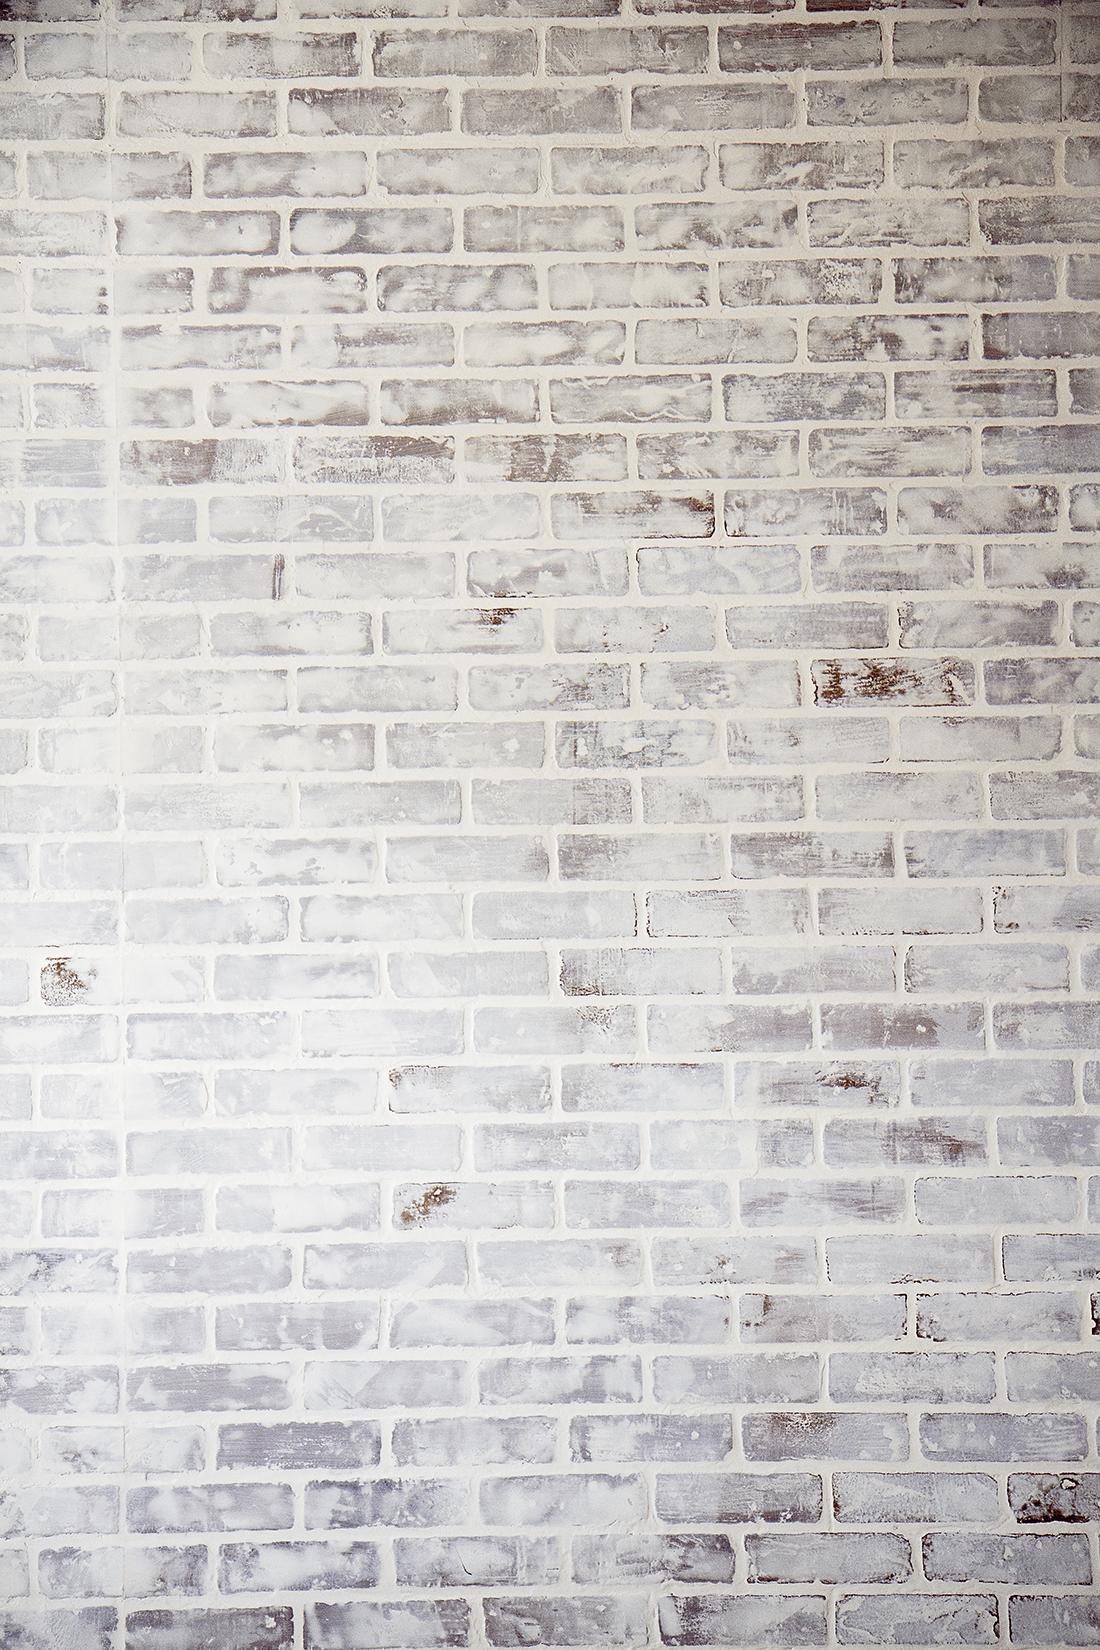 Diy Faux Brick Wall Easy Faux Brick Wall Using Brick Paneling